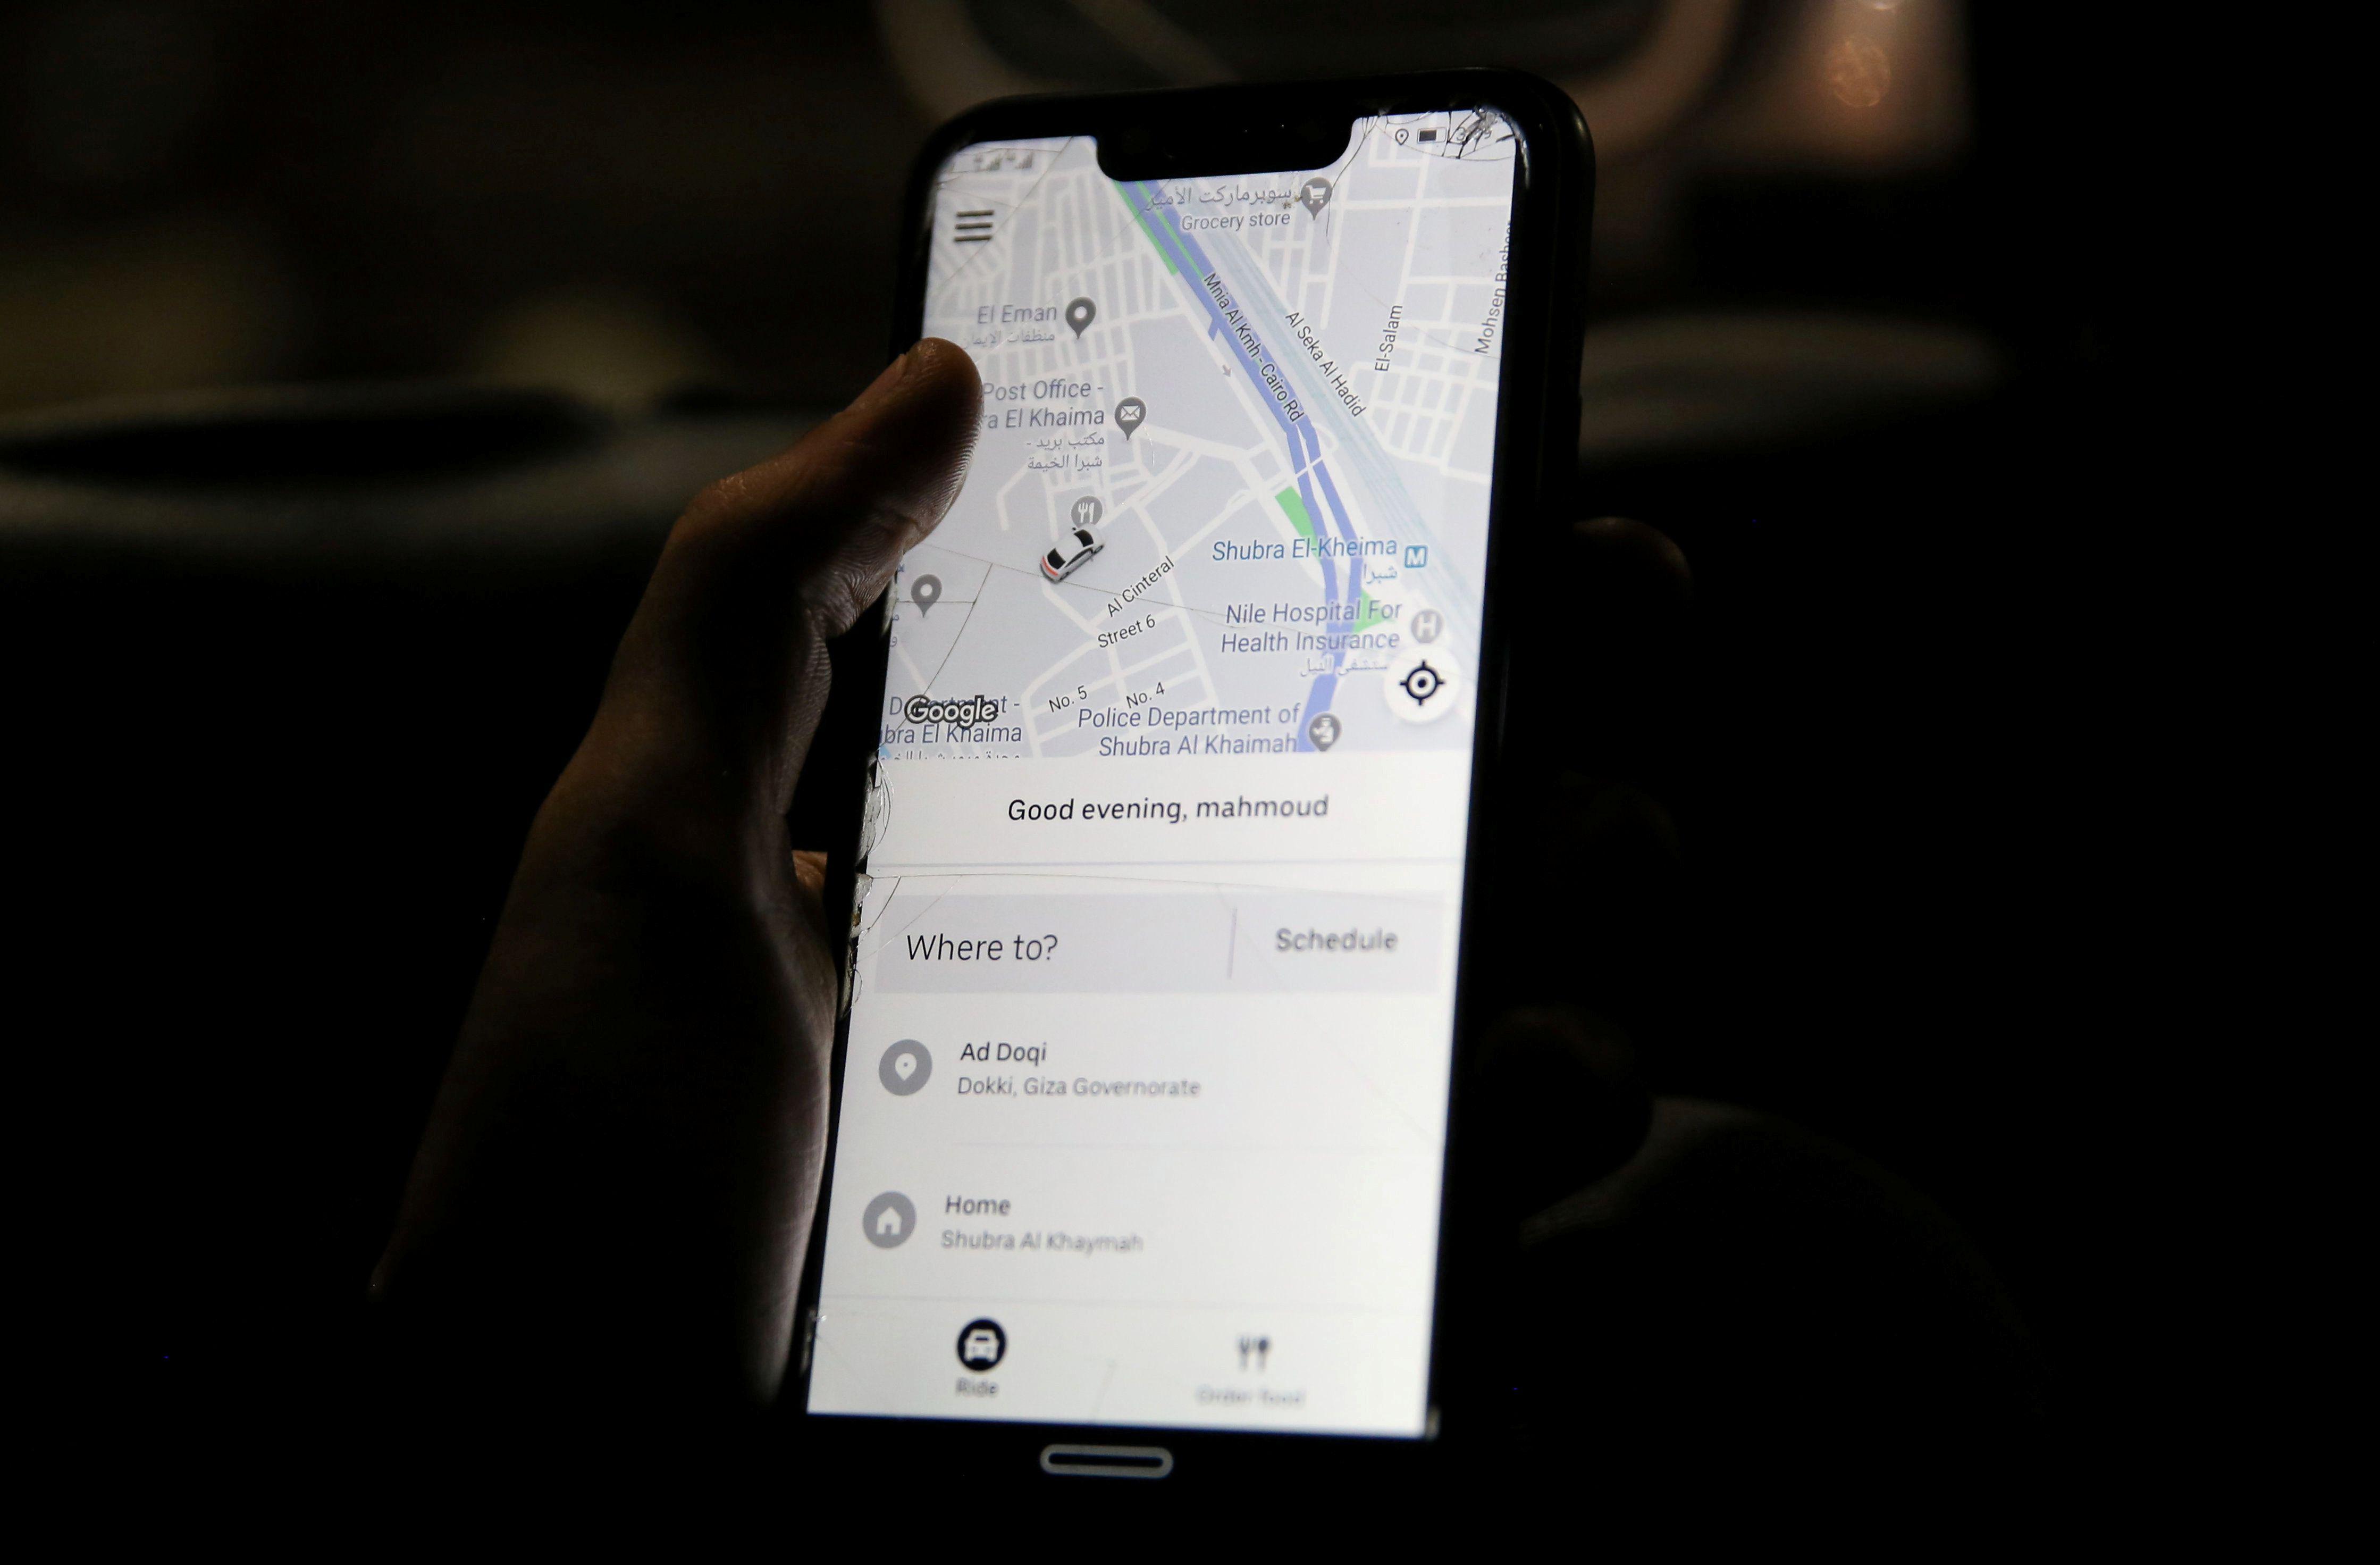 Uber anunció 7 nuevas herramientas para mejorar la seguridad (REUTERS/Mohamed Abd El Ghany)